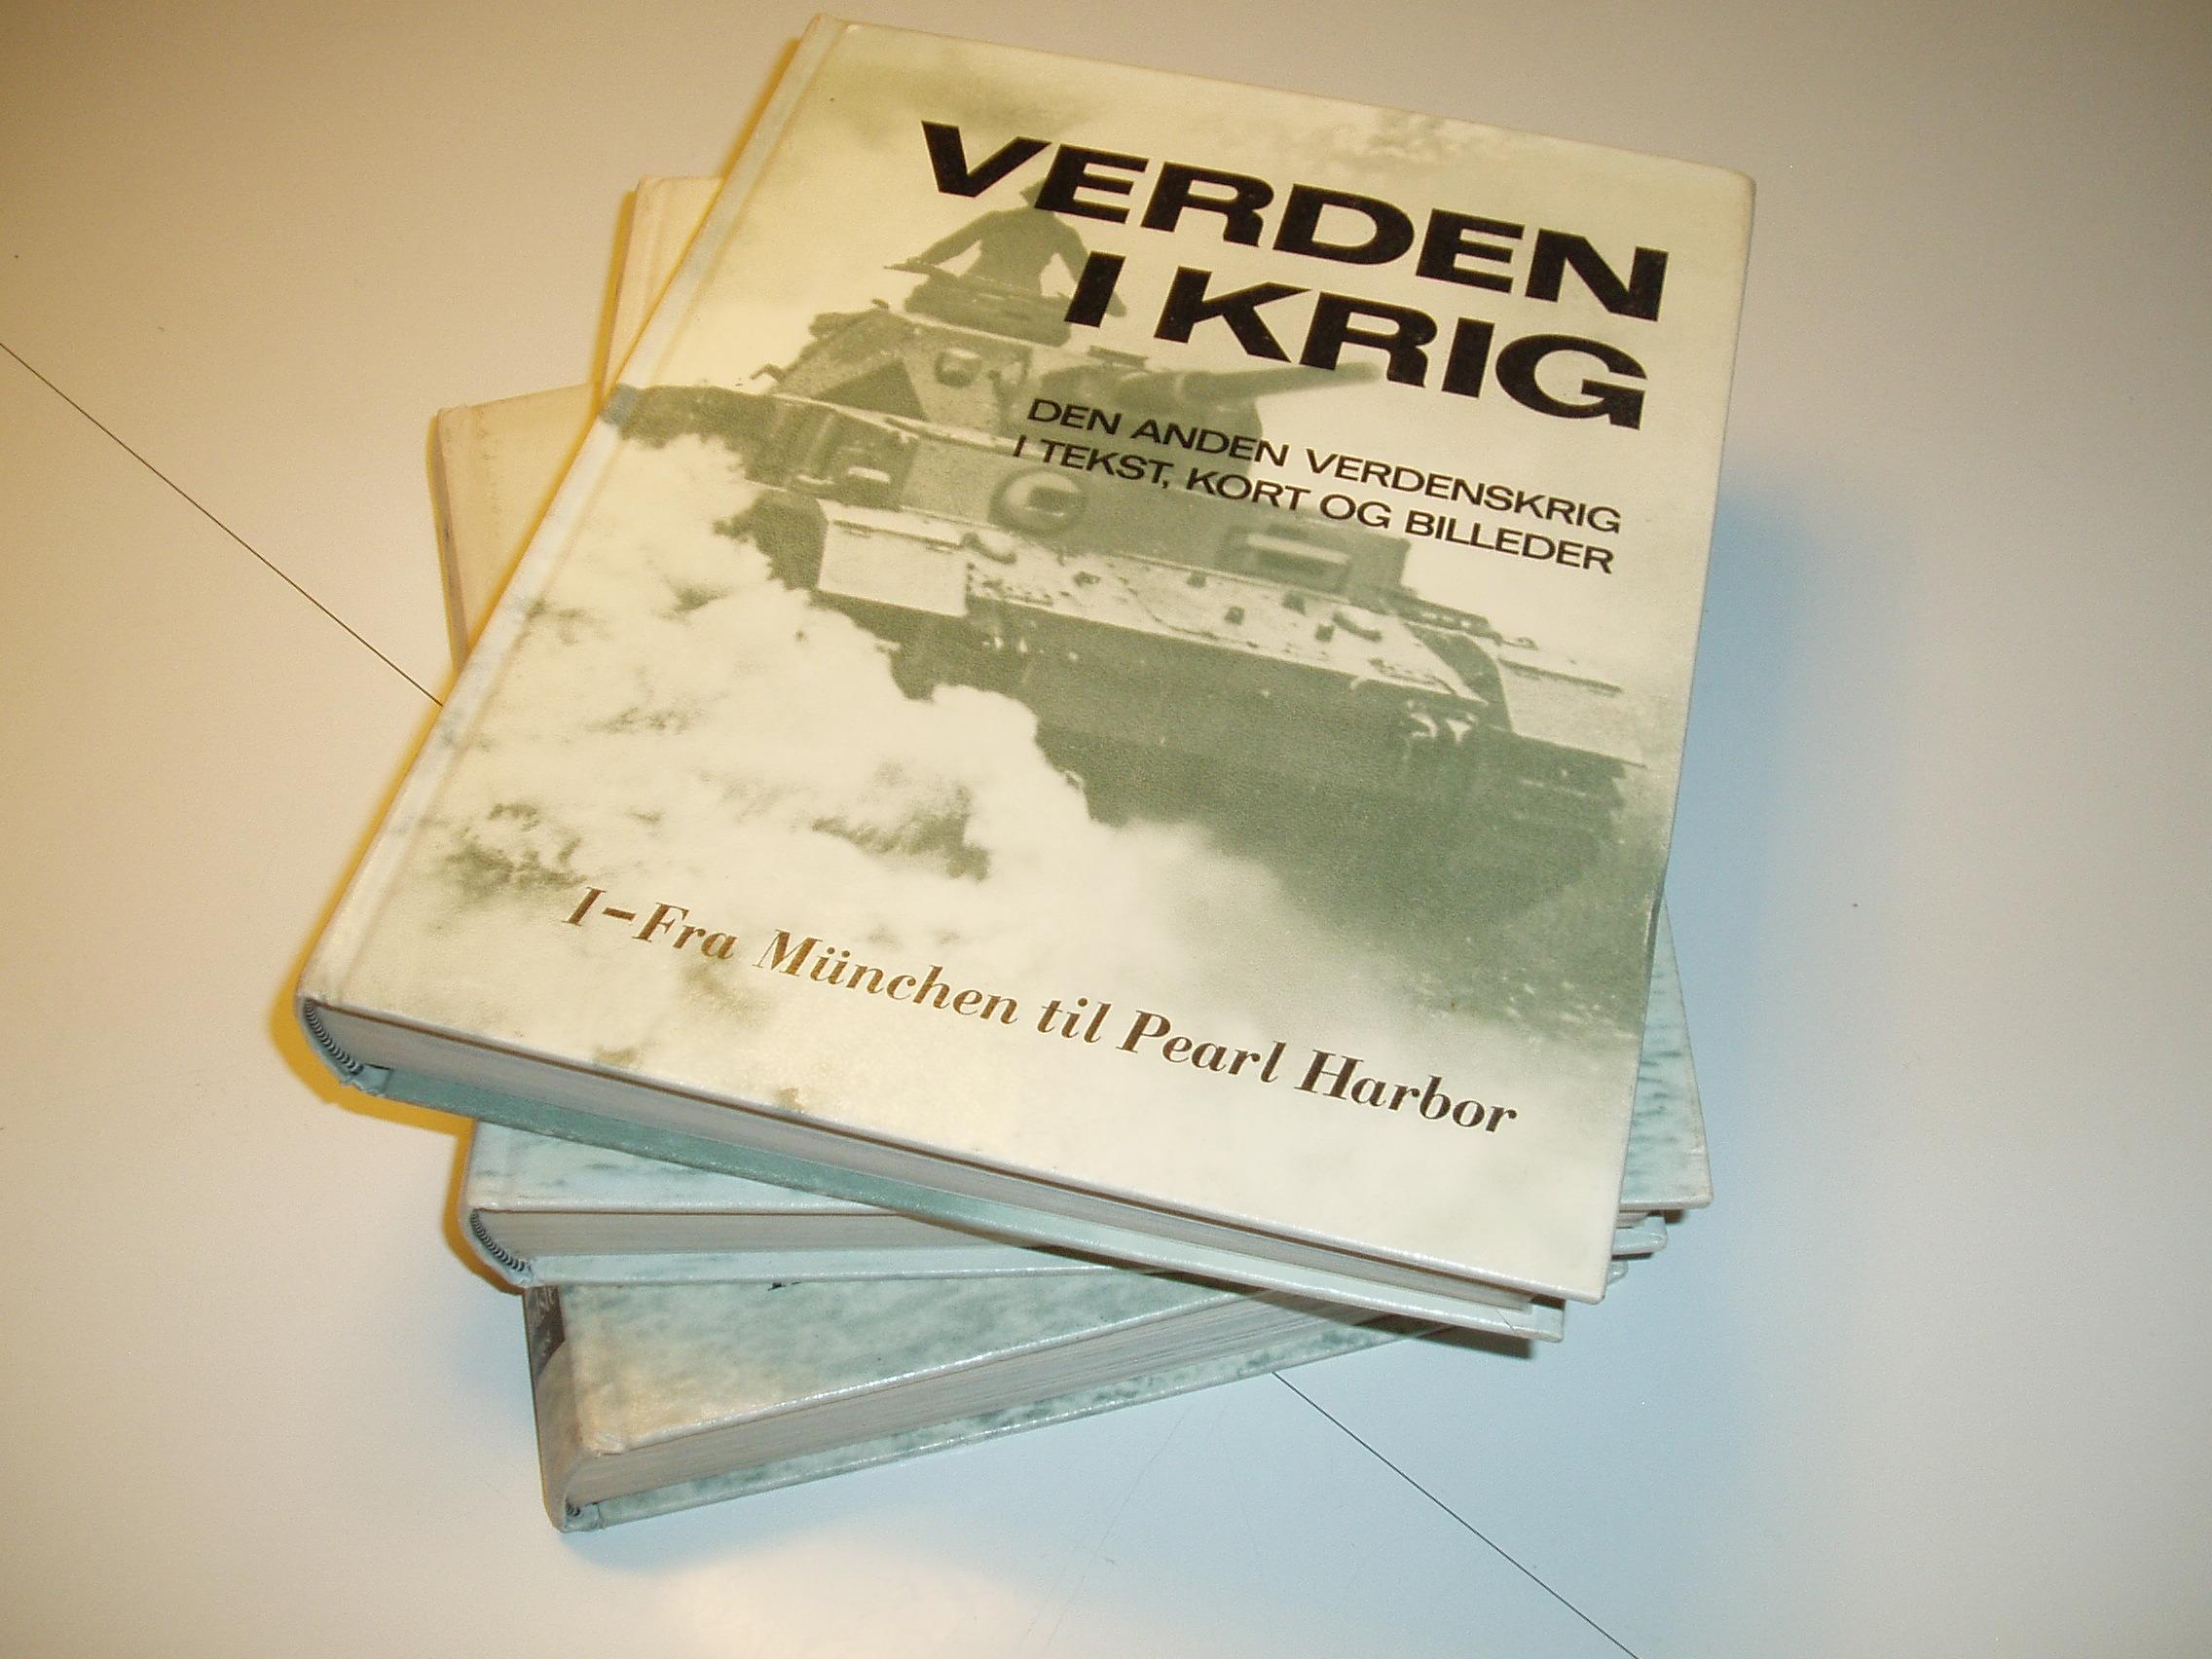 Verden i krig, bind 1-3. Den anden verdenskrig i tekst, kort og